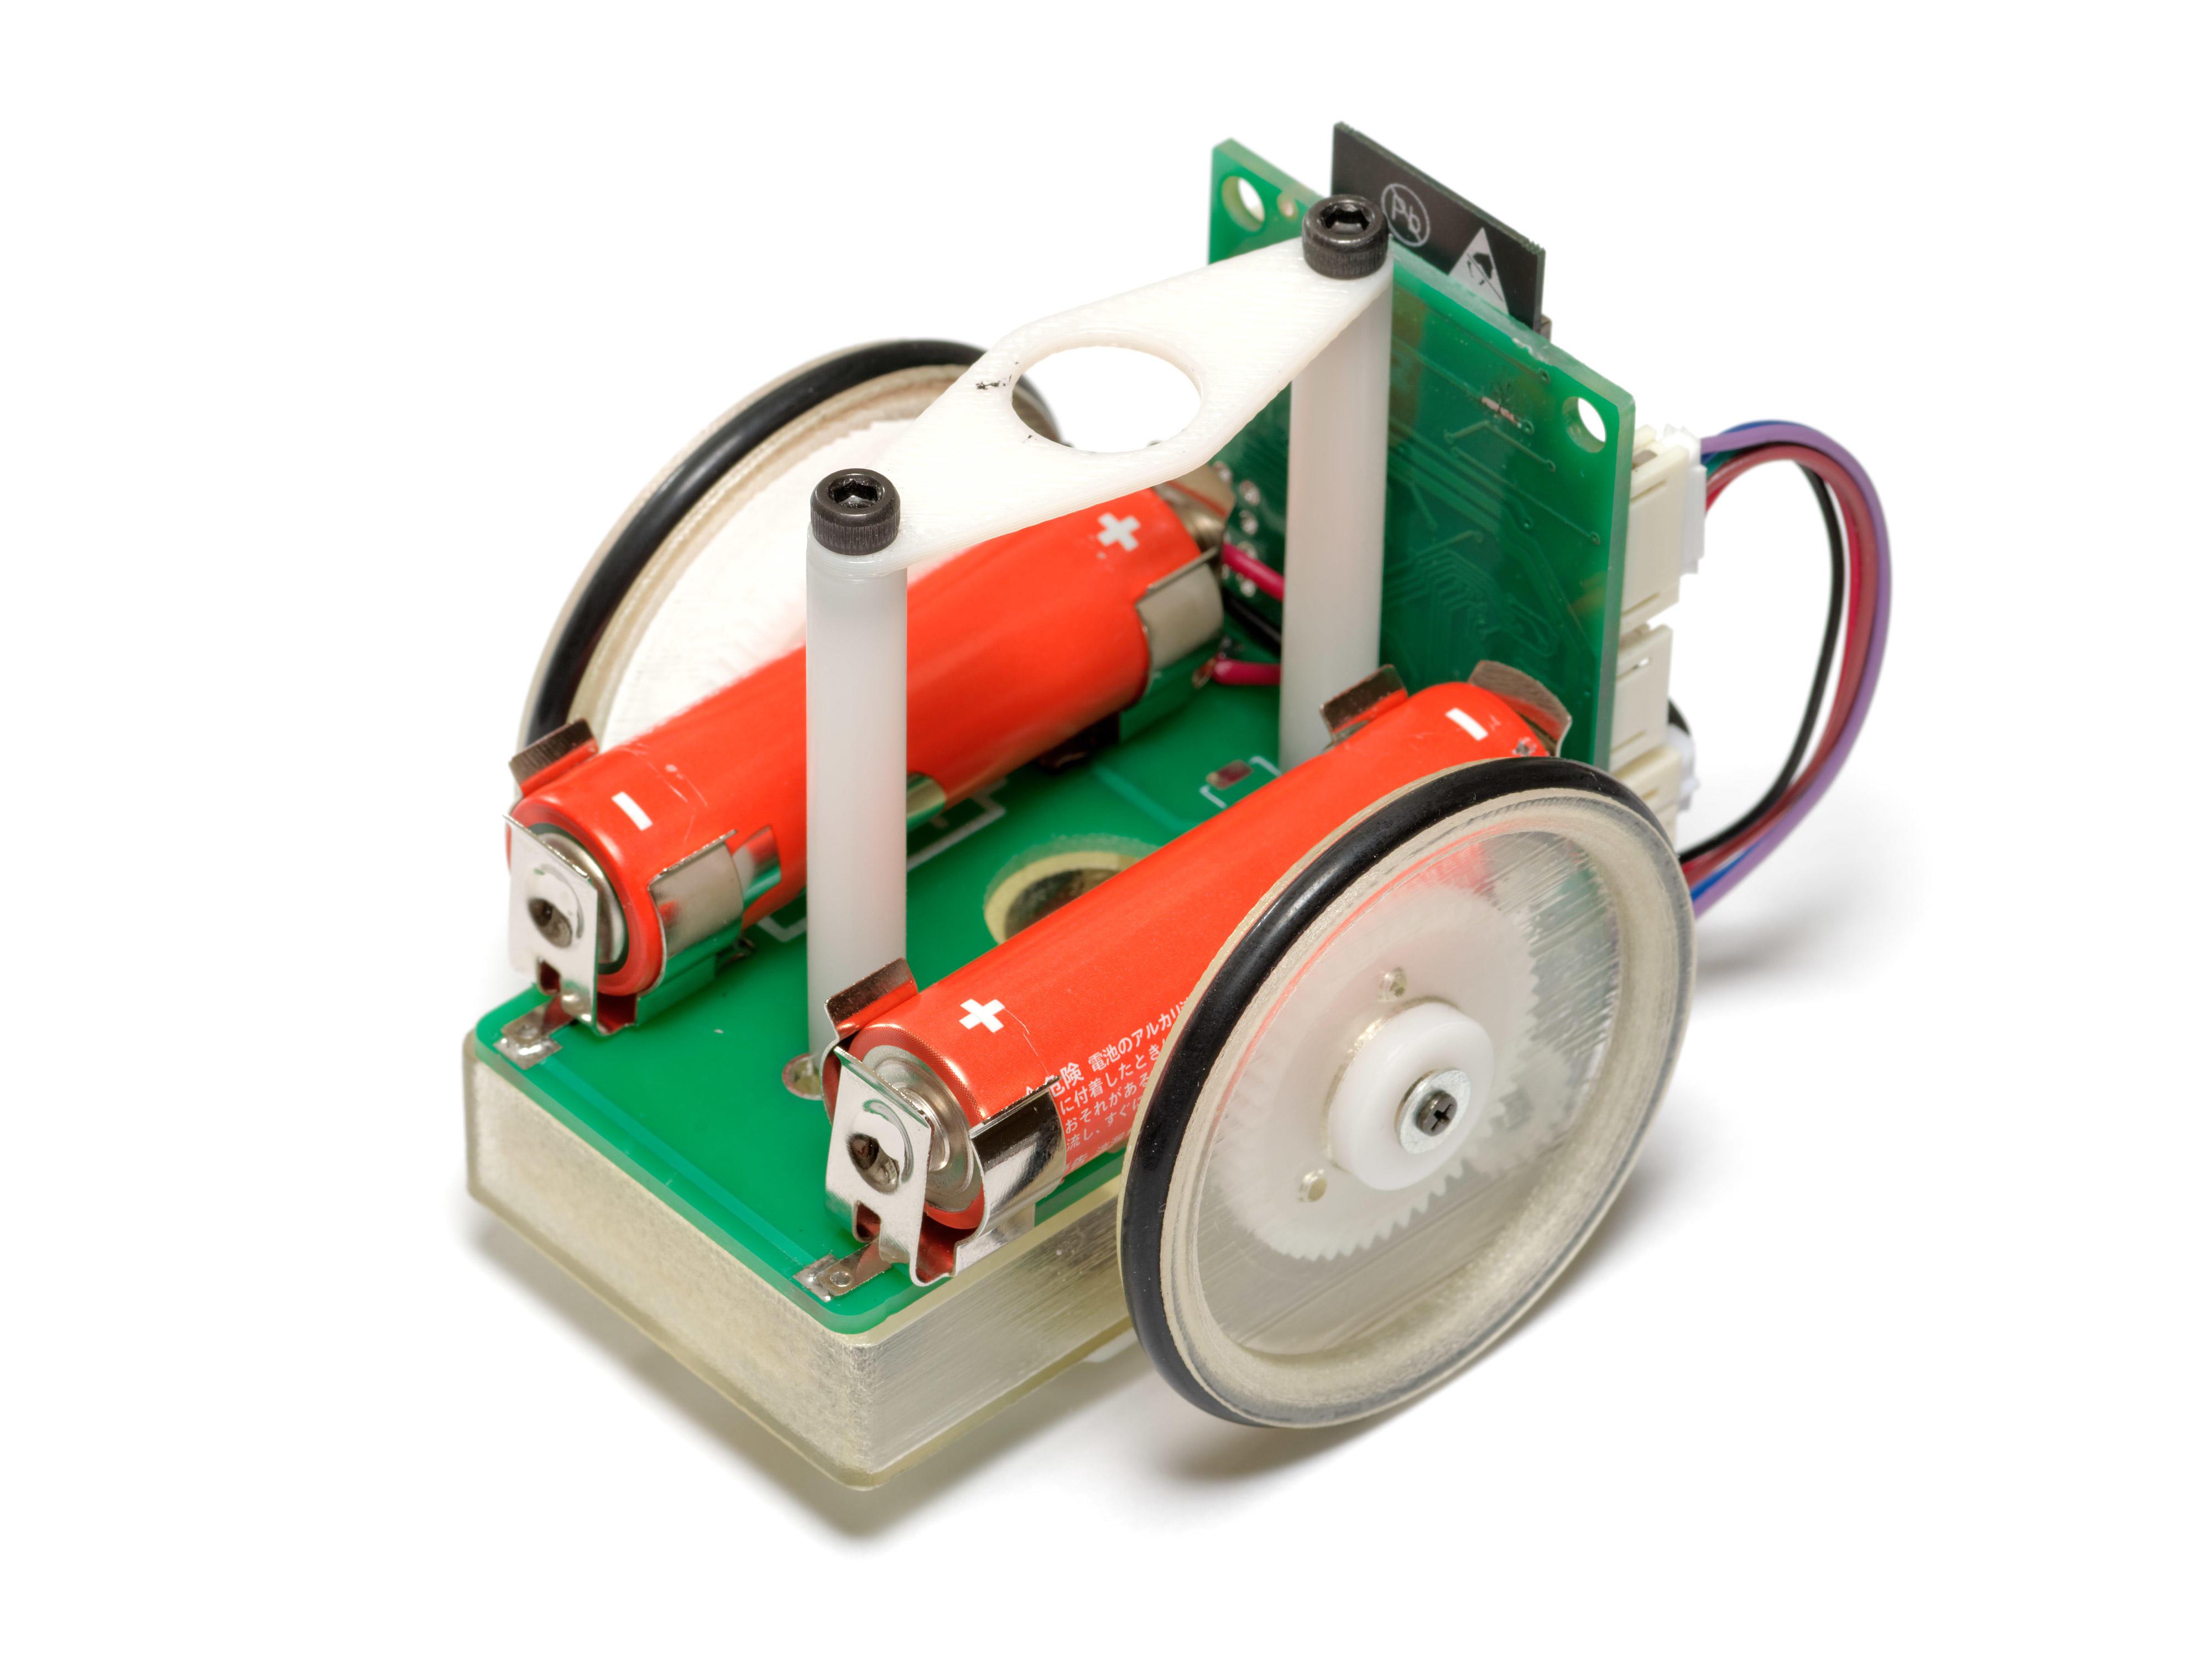 ロボット実習を通して数学を学ぶカリキュラムを導入。クラーク記念国際高等学校が「数学エリート育成塾」の浜学園グループと提携し、学校設定科目「ロボット数学I・II」を開発。